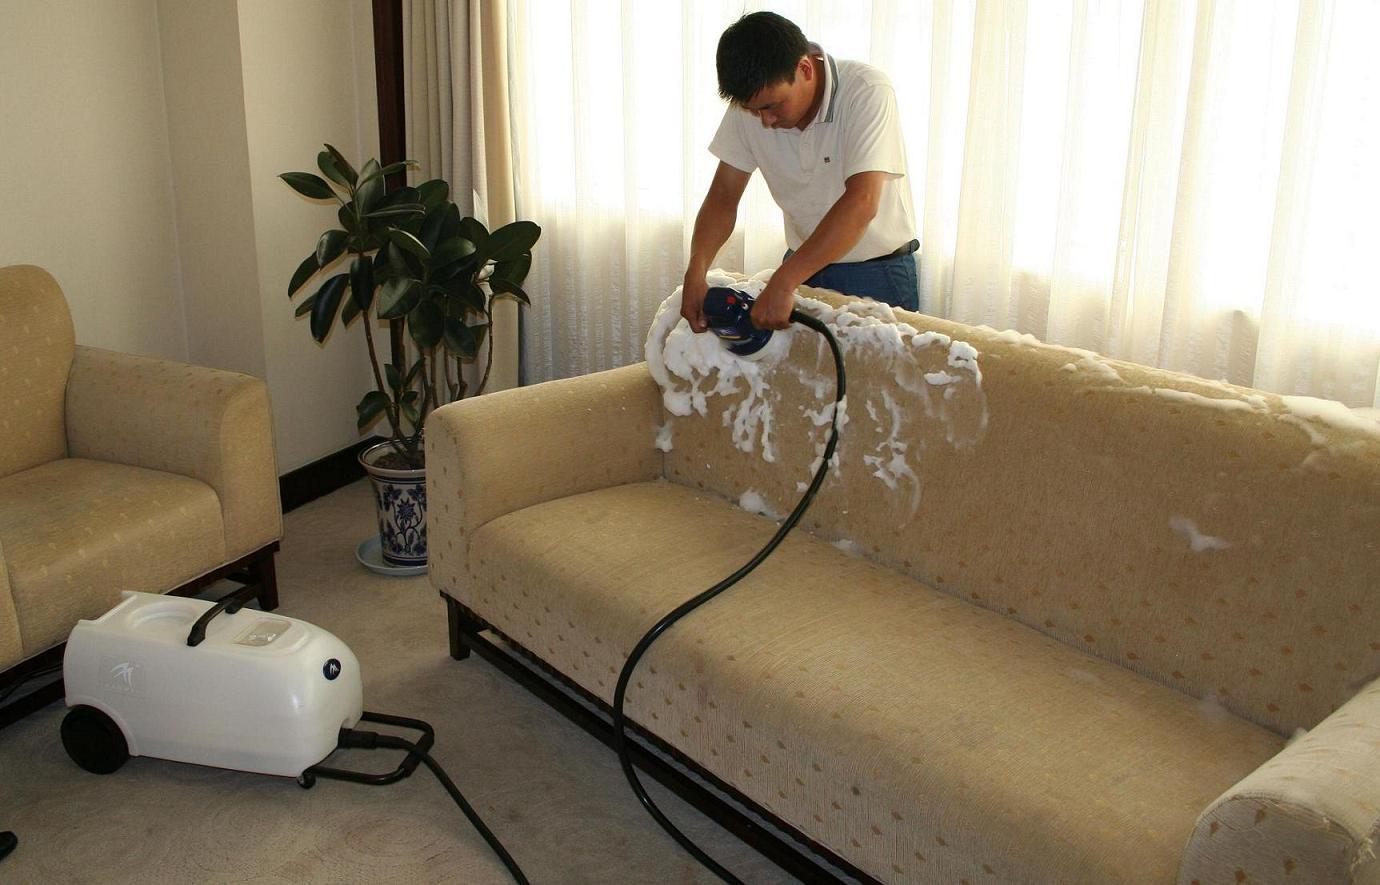 Владельцам светлой мебели следует быть очень аккуратными